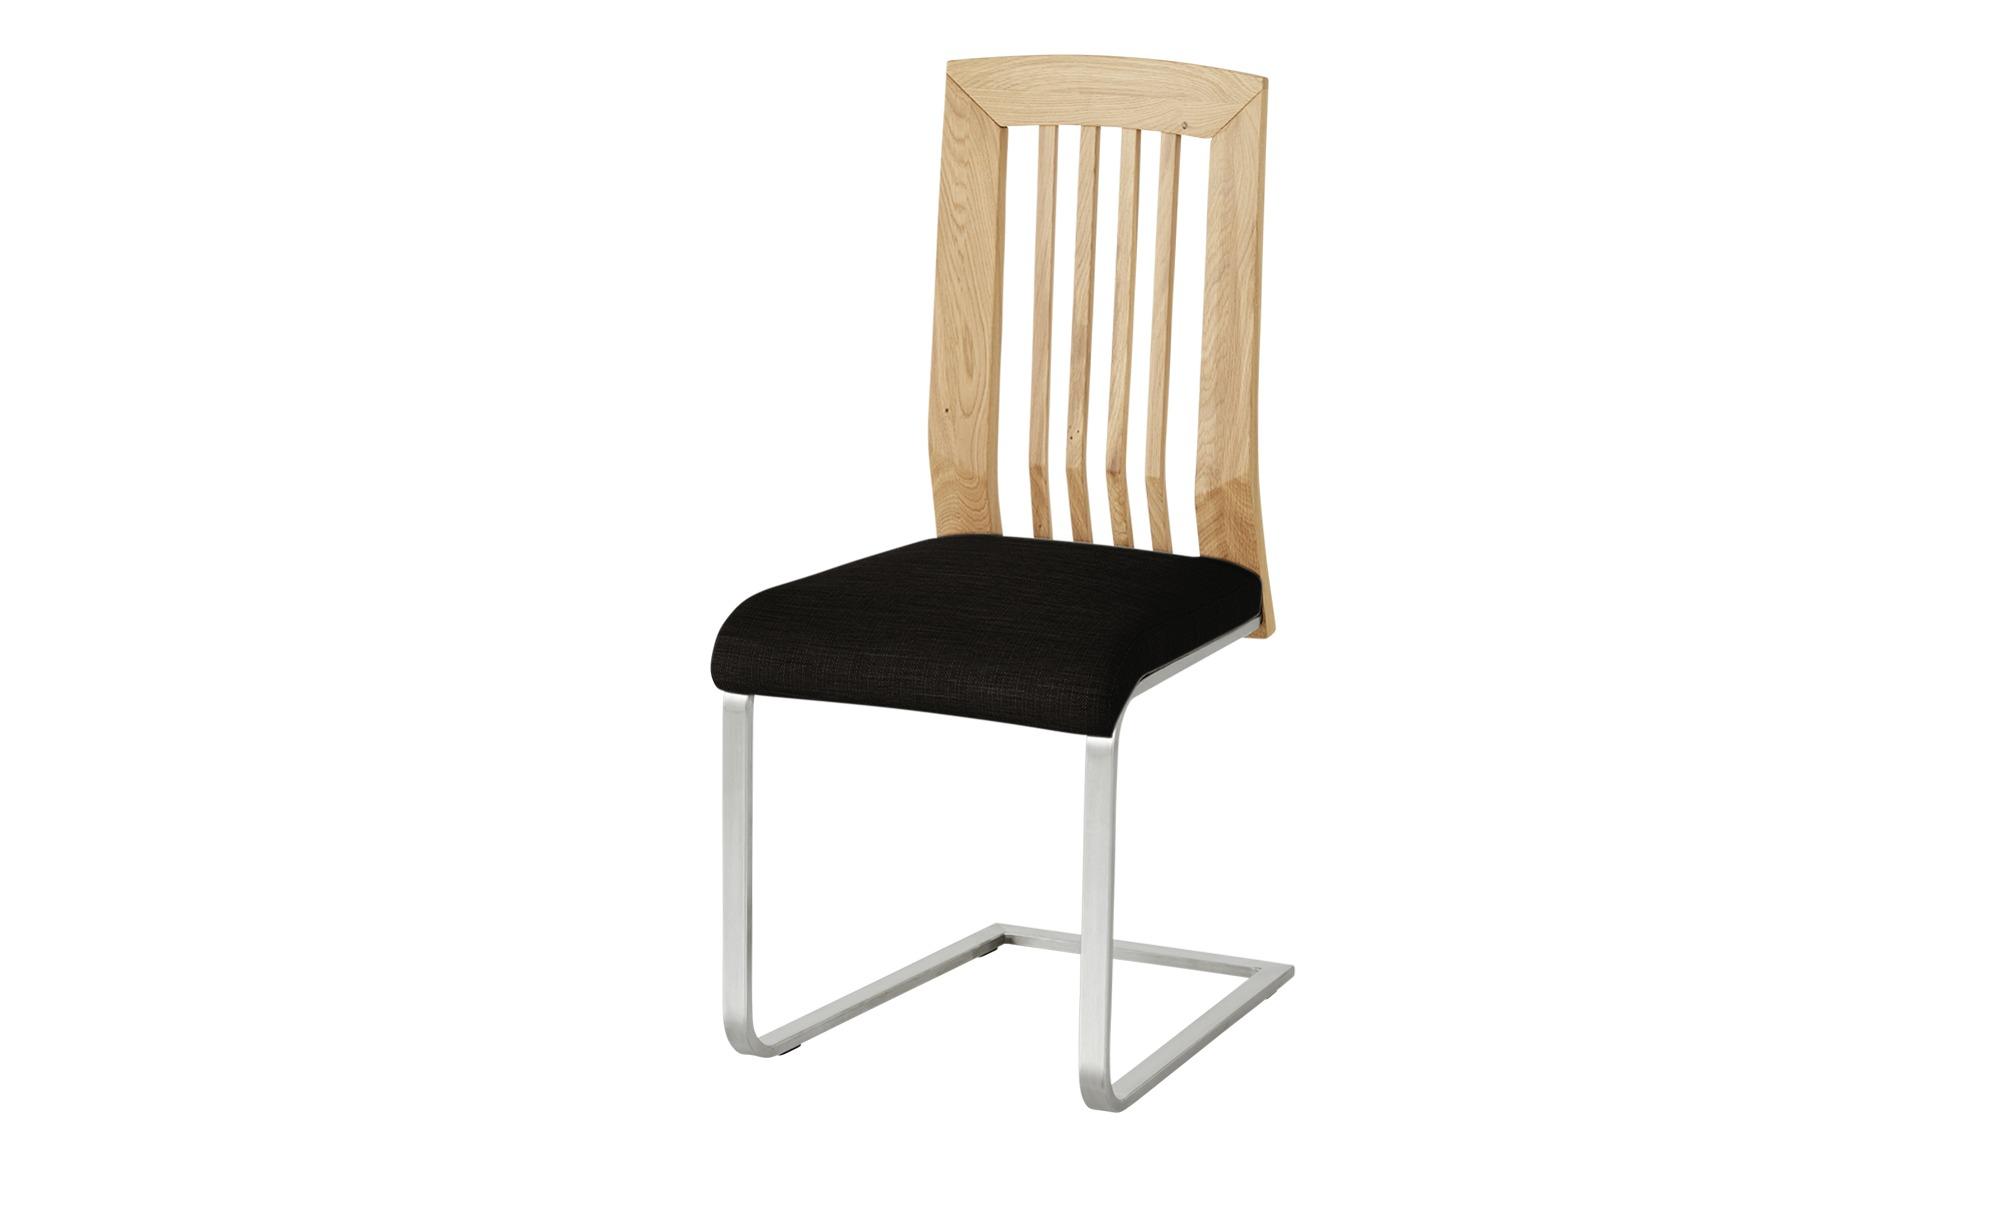 Wohnwert Freischwinger  Elio - braun - Stühle > Esszimmerstühle - Möbel Kra günstig online kaufen